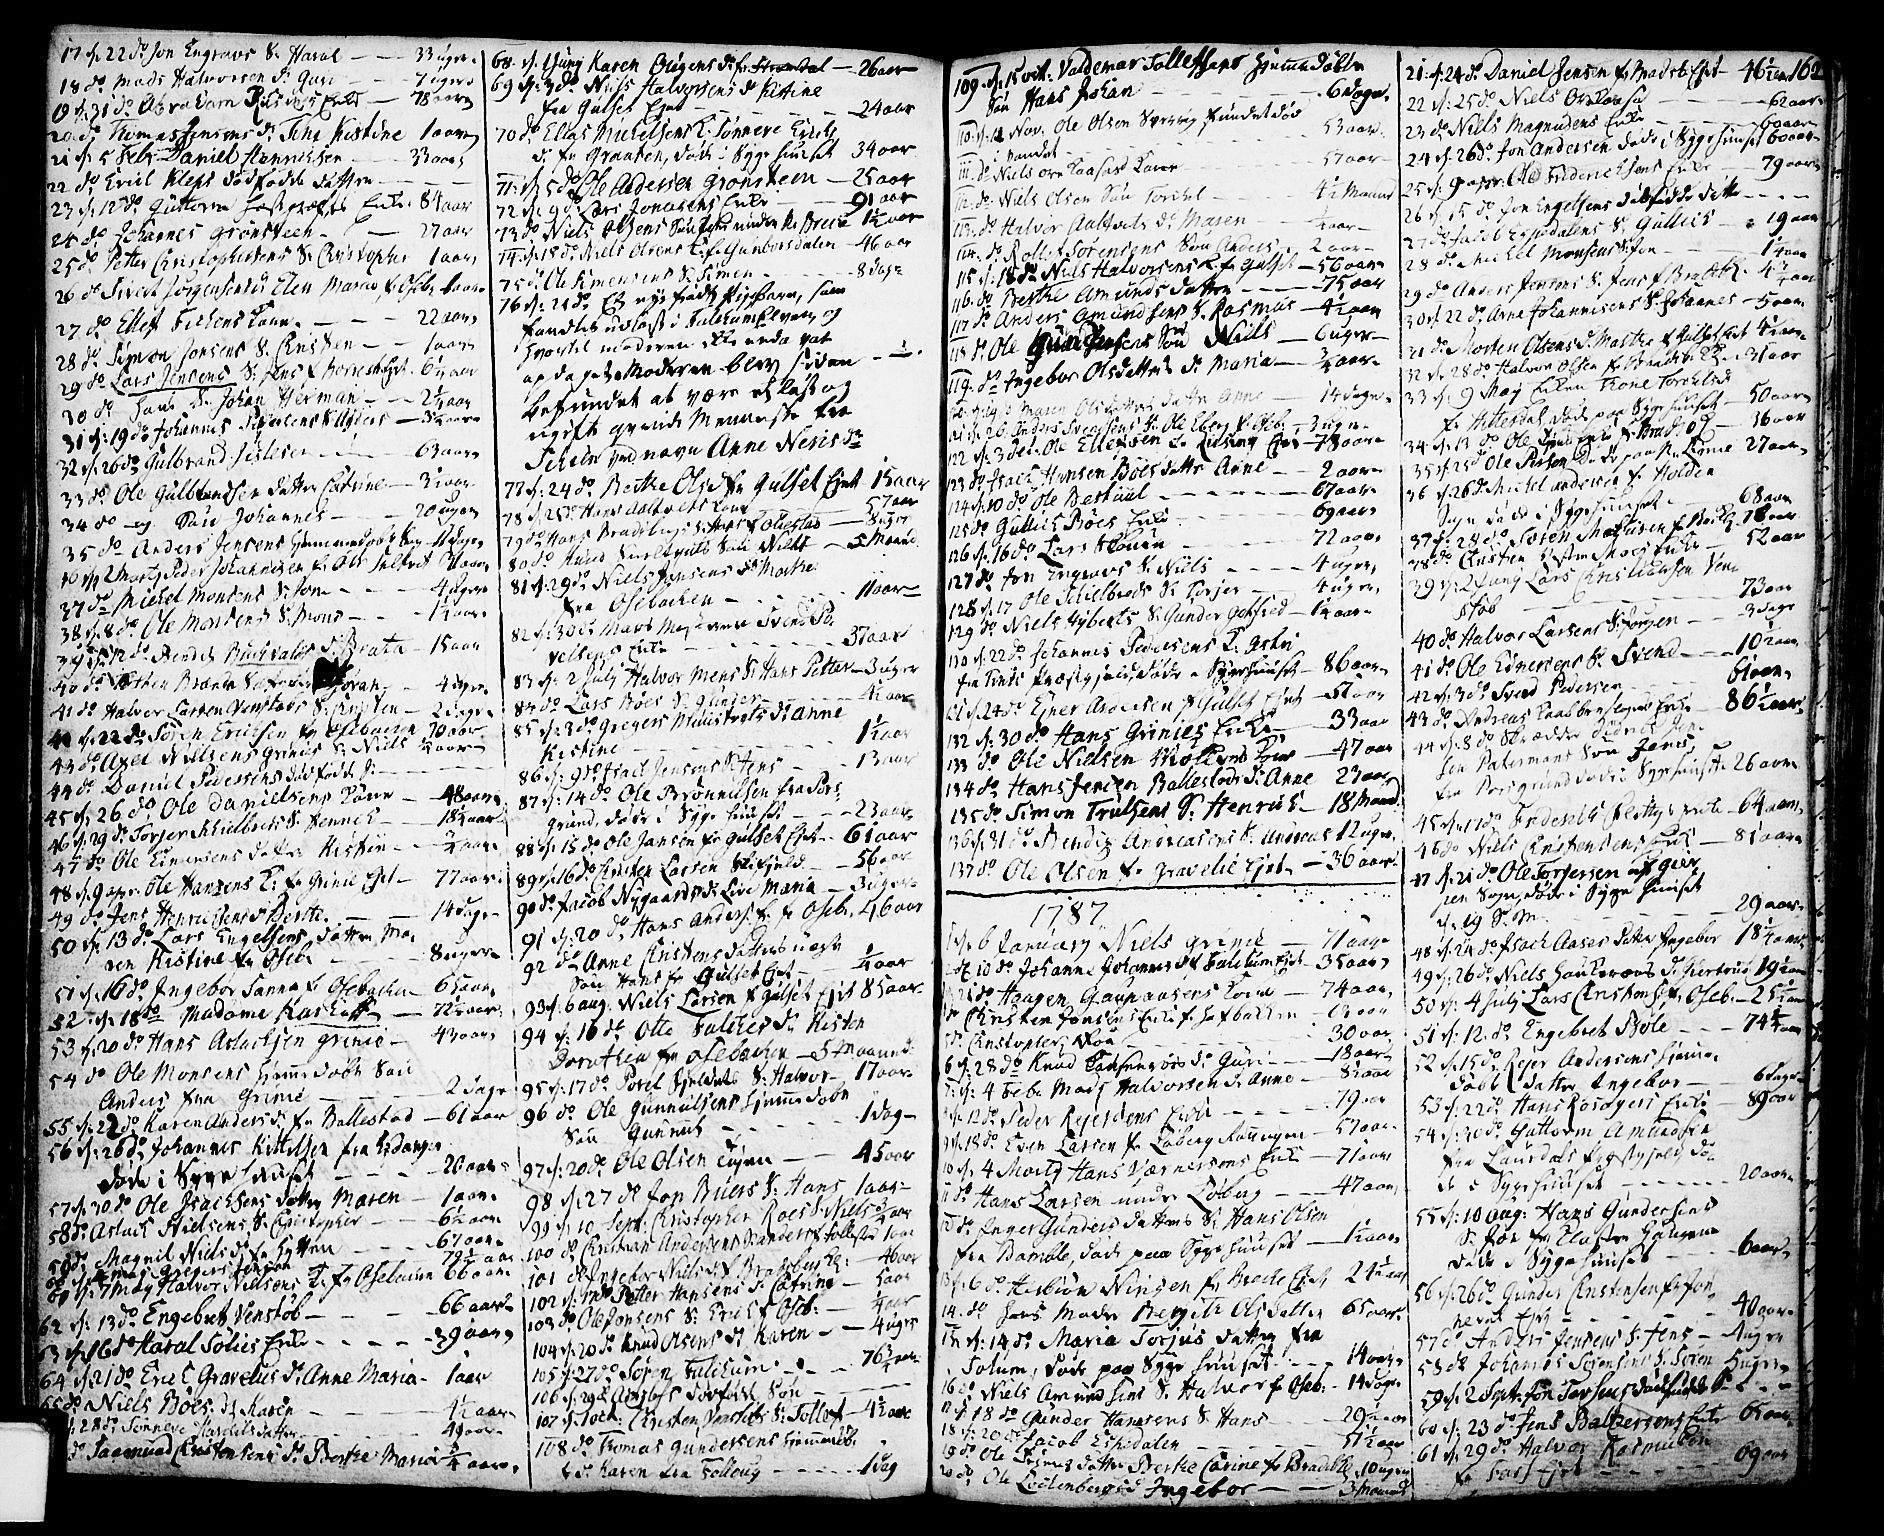 SAKO, Gjerpen kirkebøker, F/Fa/L0002: Ministerialbok nr. 2, 1747-1795, s. 162